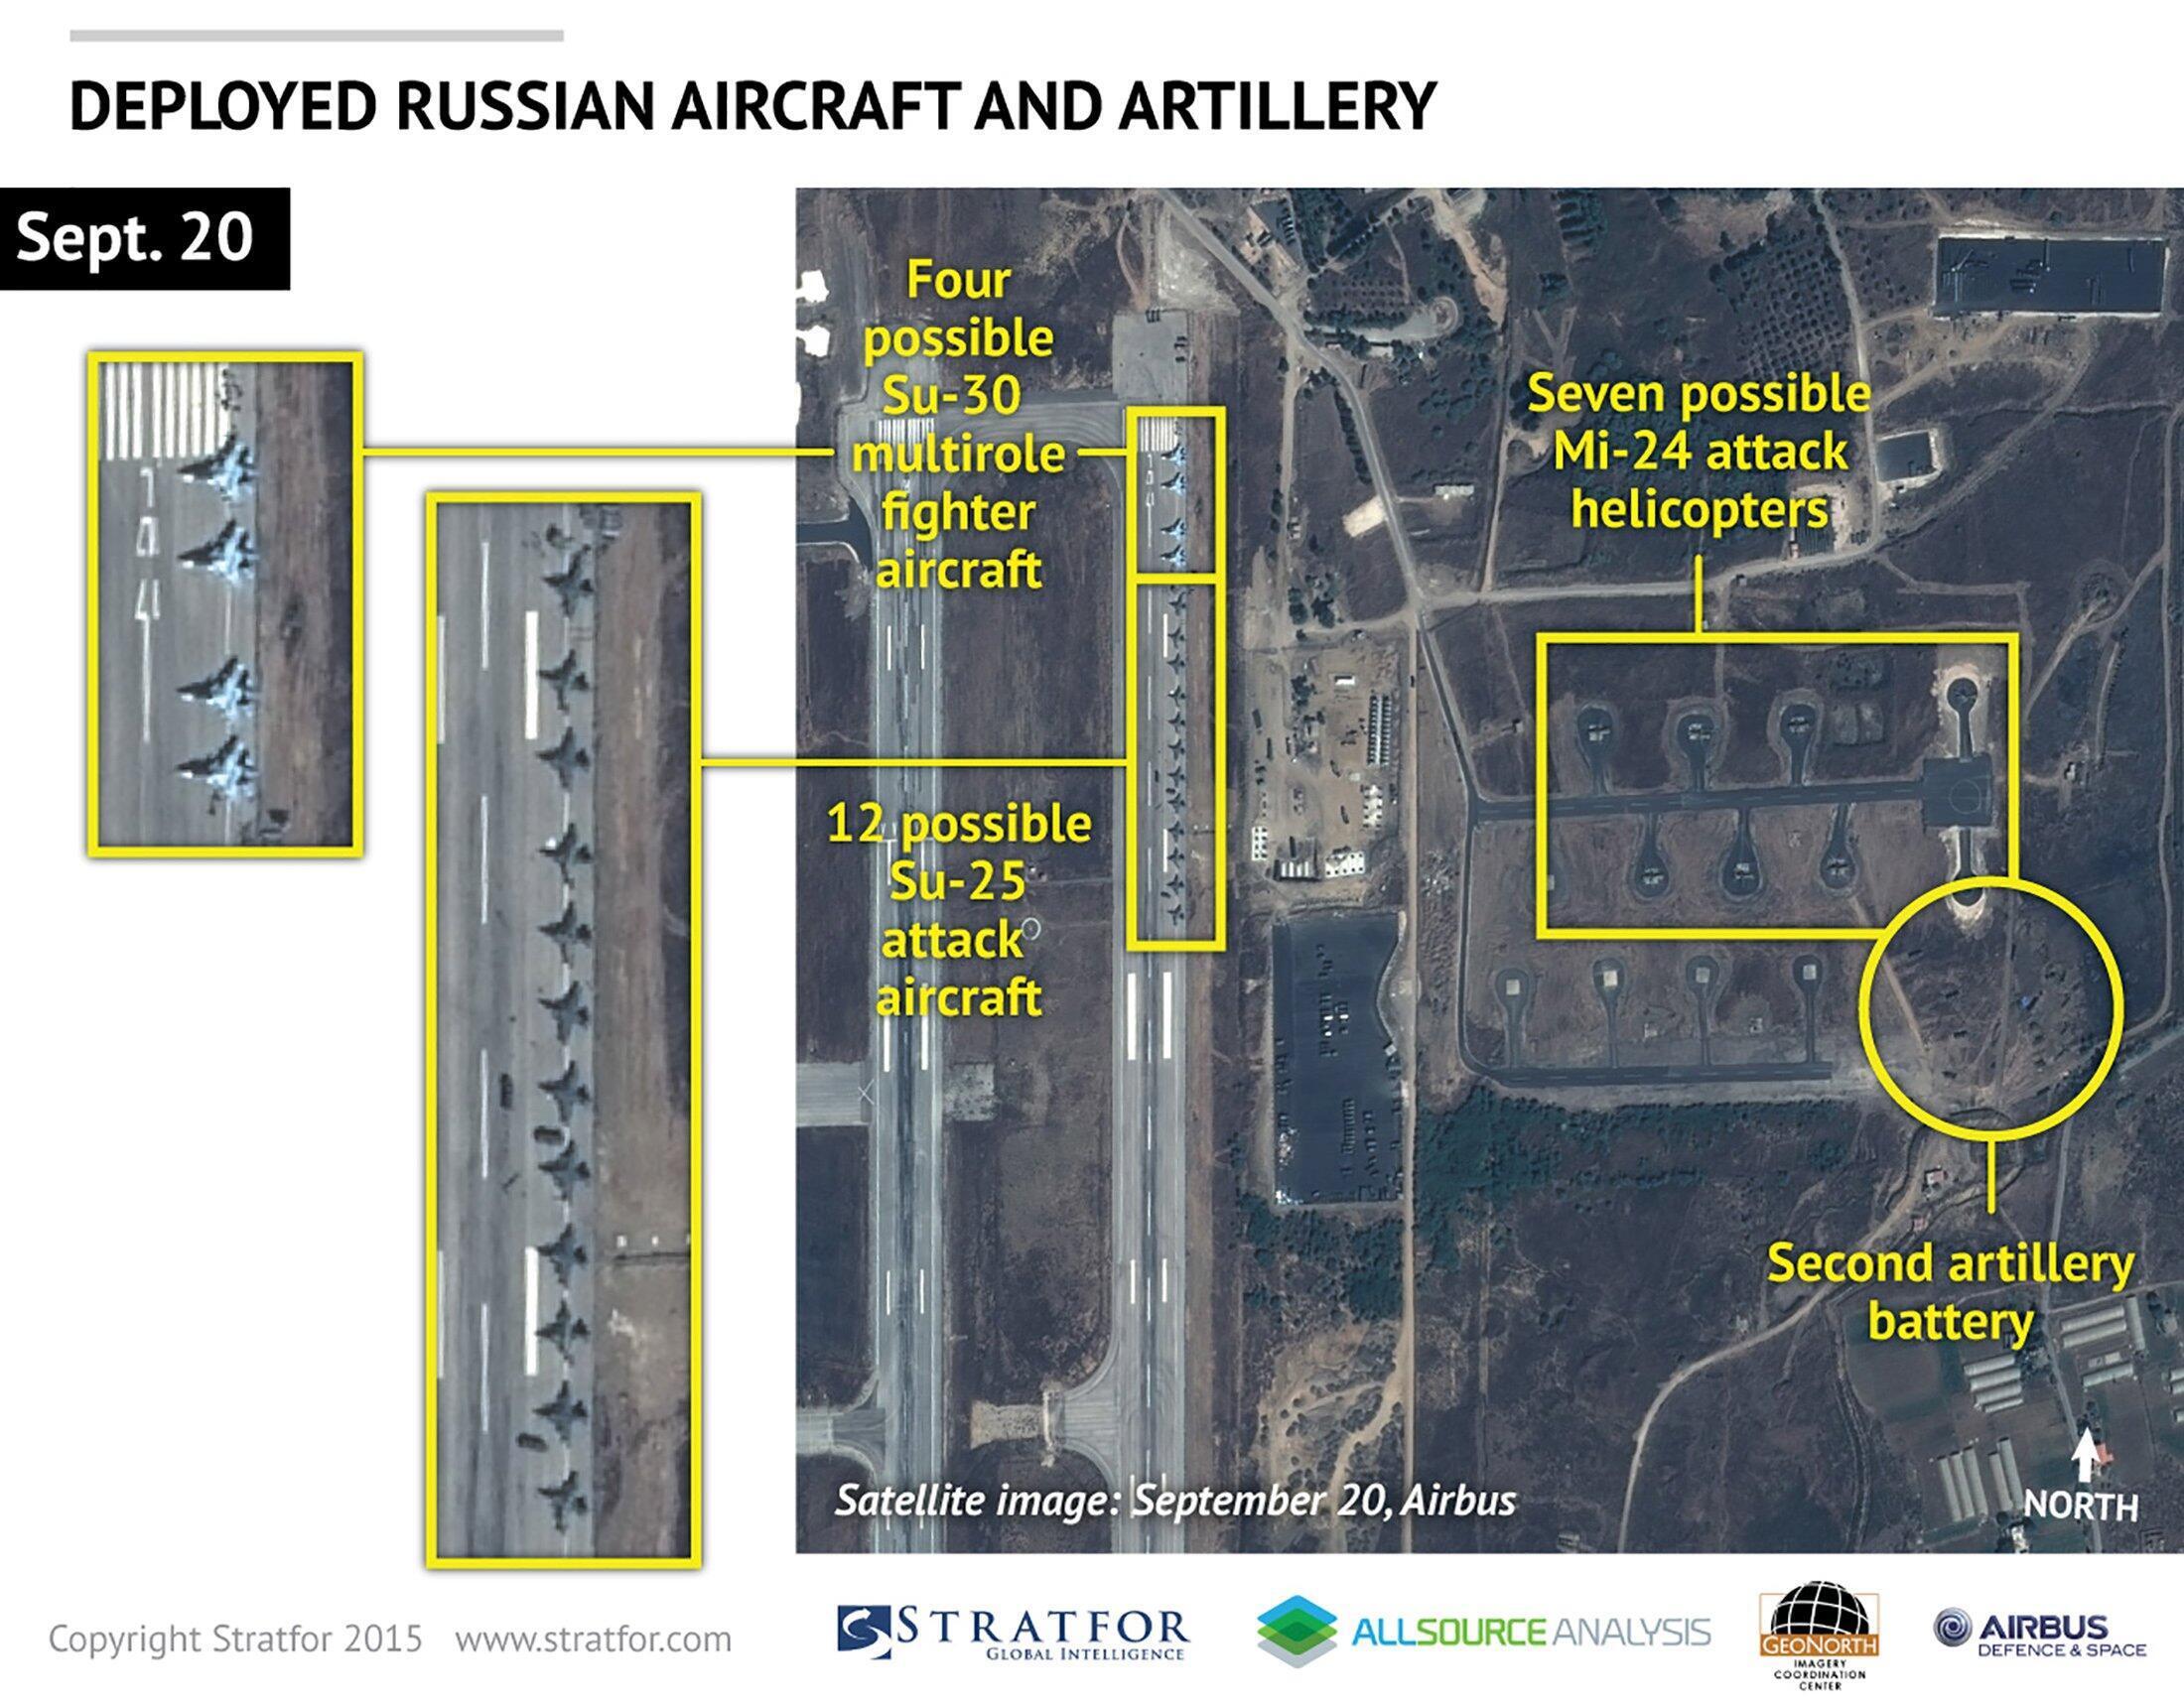 Une image satellite montre au moins seize avions de combat russes stationnés sur la base aérienne du régime syrien près de la ville de Lattaquié.